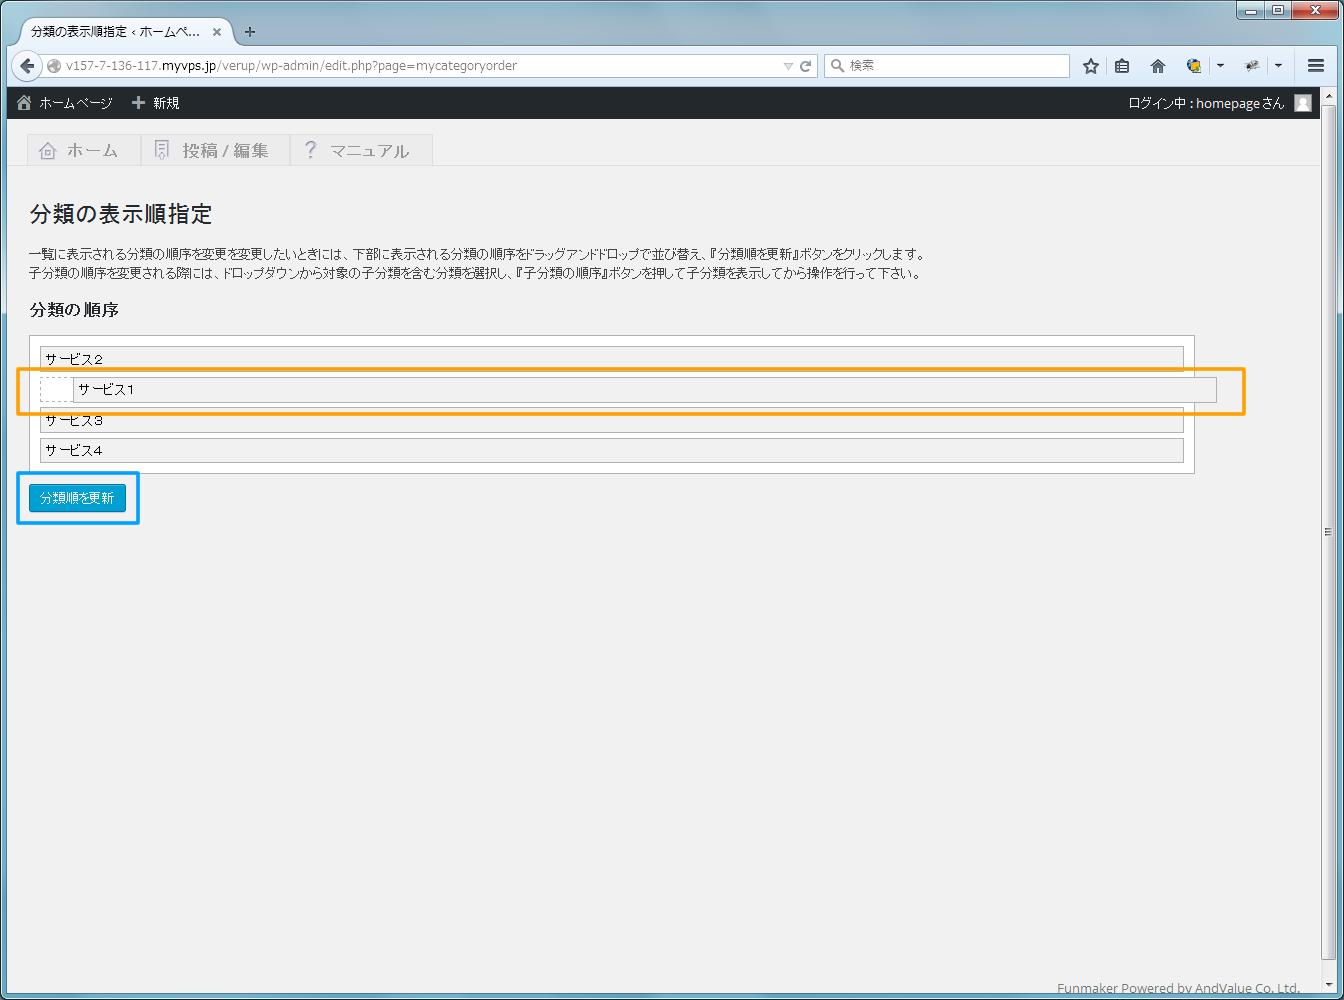 管理画面HOME 分類の表示順変更 | 簡単格安ホームページ作成サイト - FunMaker